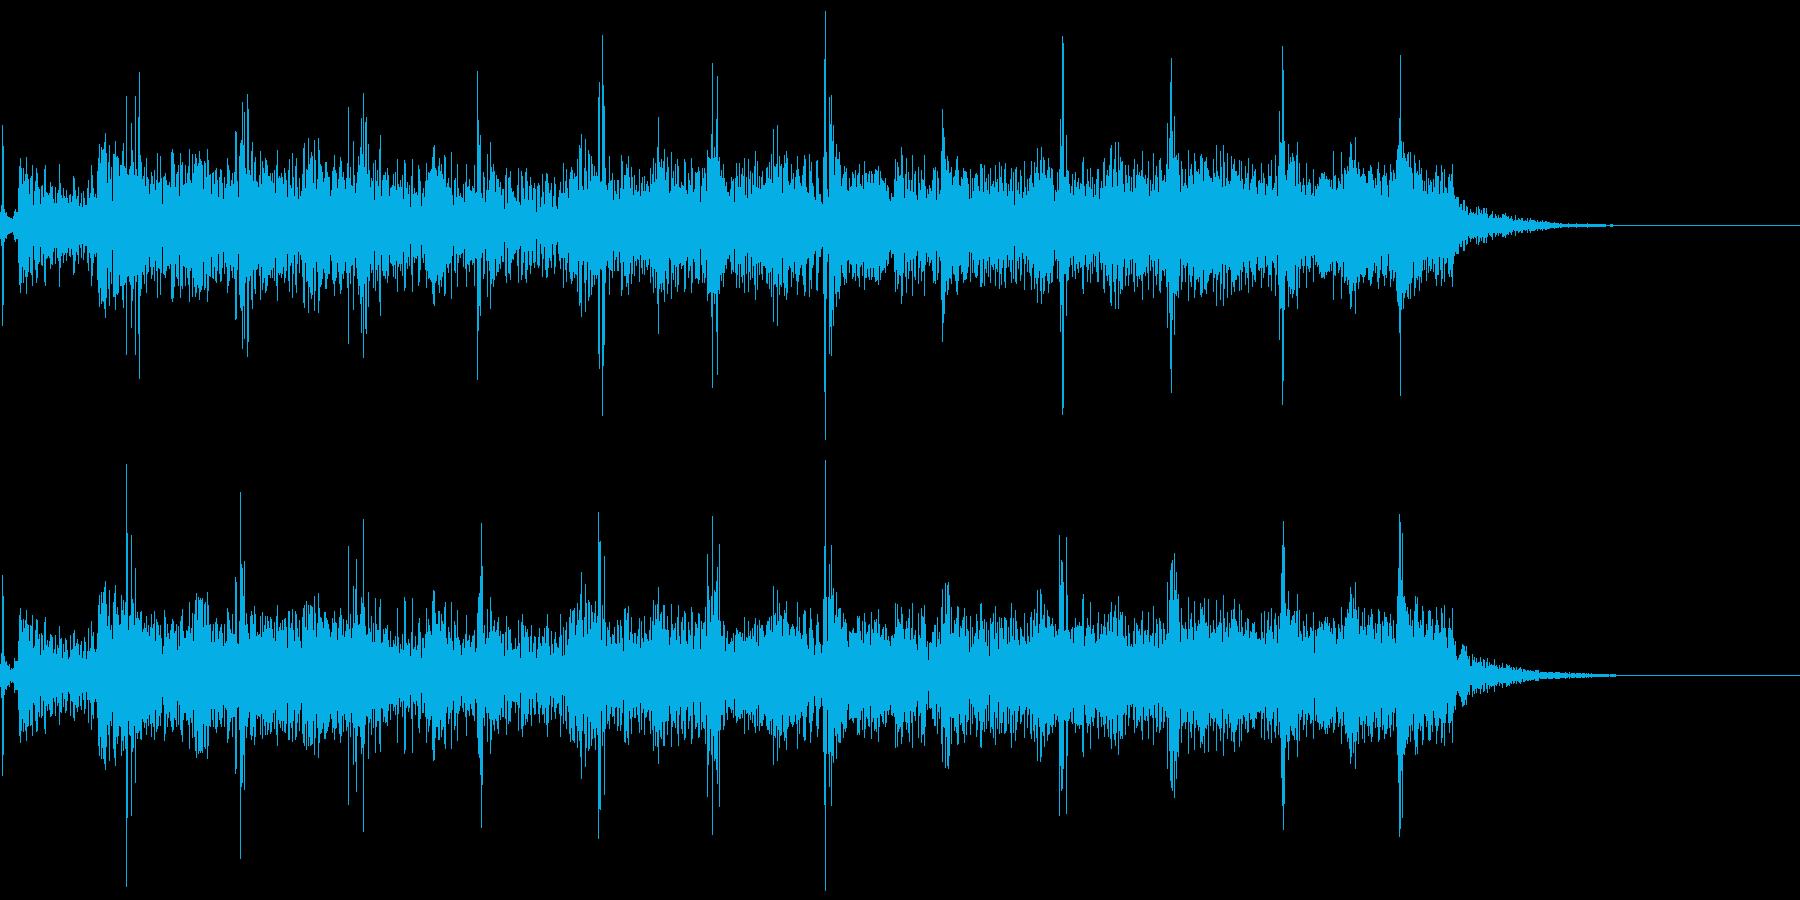 典型的なフラメンコギターのフレーズの再生済みの波形